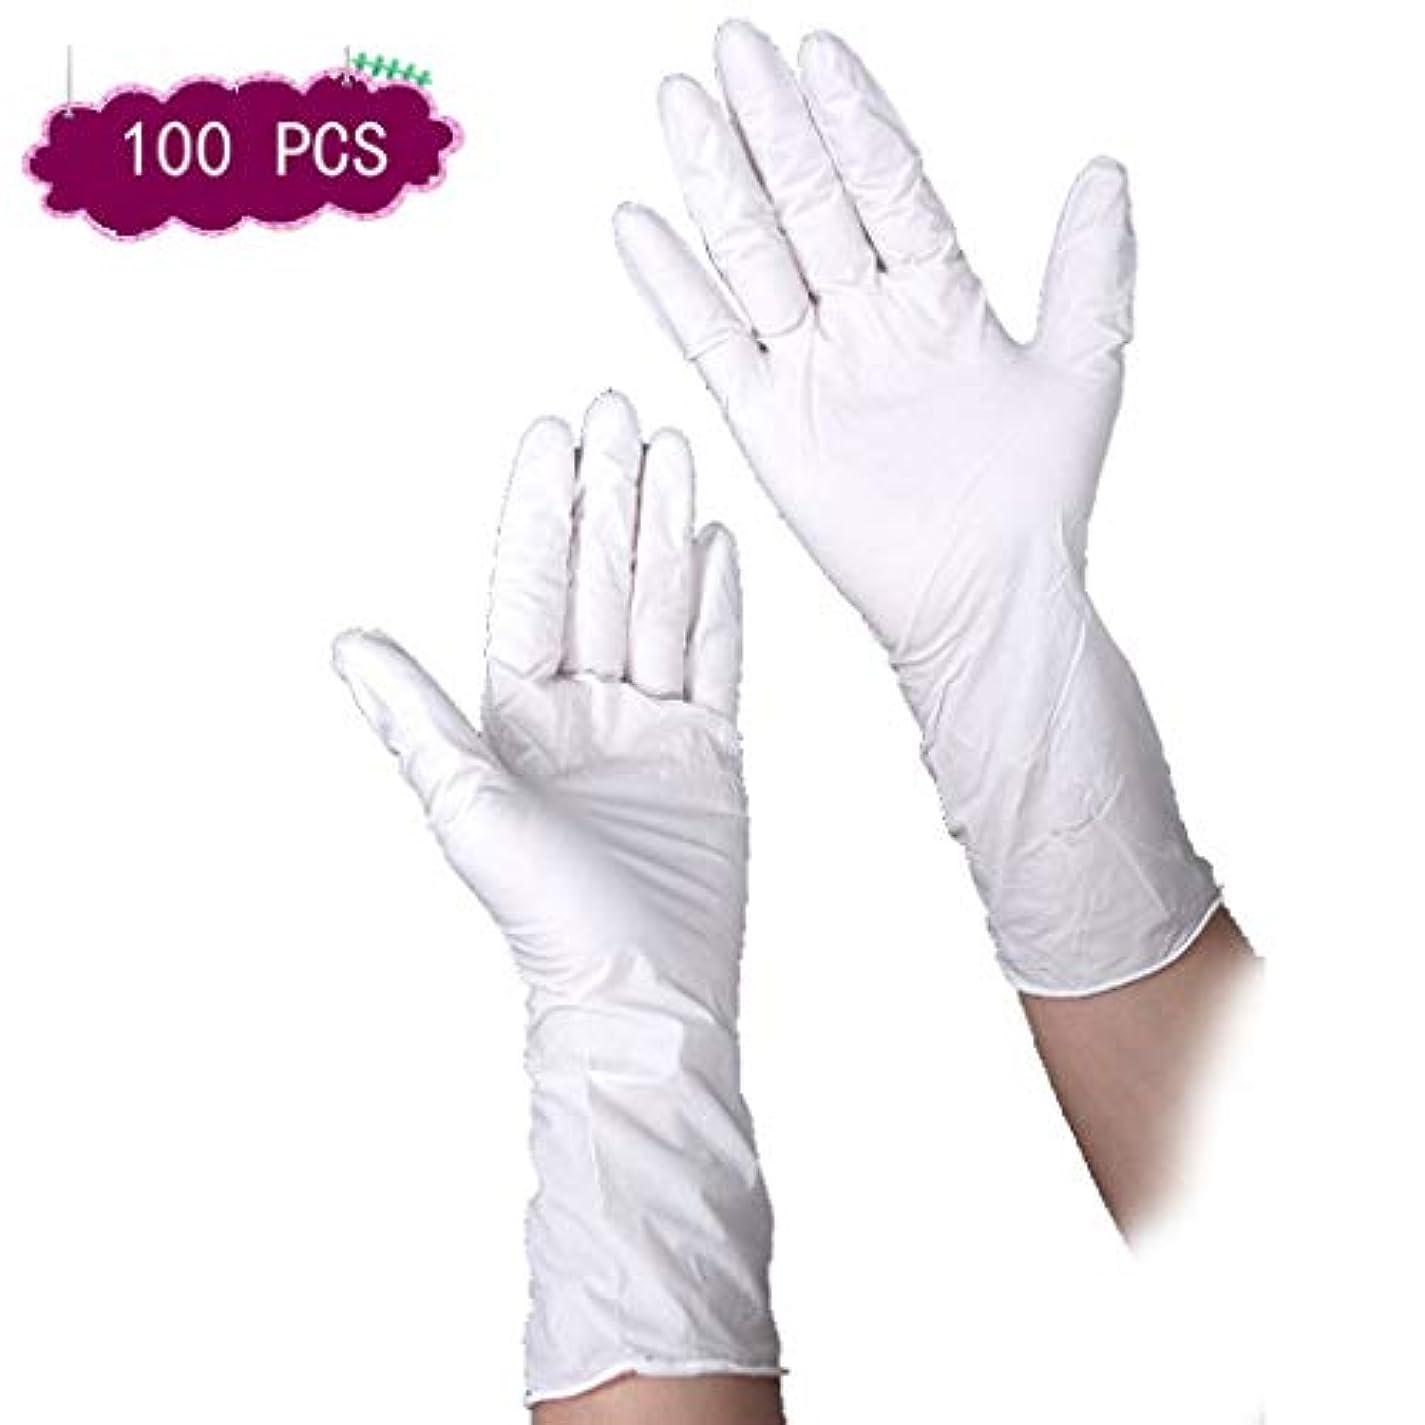 黙マーチャンダイザーおとうさん使い捨てラテックス手袋ニトリルクリーンルームノンスリップ耐摩耗性に浸漬ゴム手袋アンチオイルタトゥー (Color : 9 inch, Size : M)